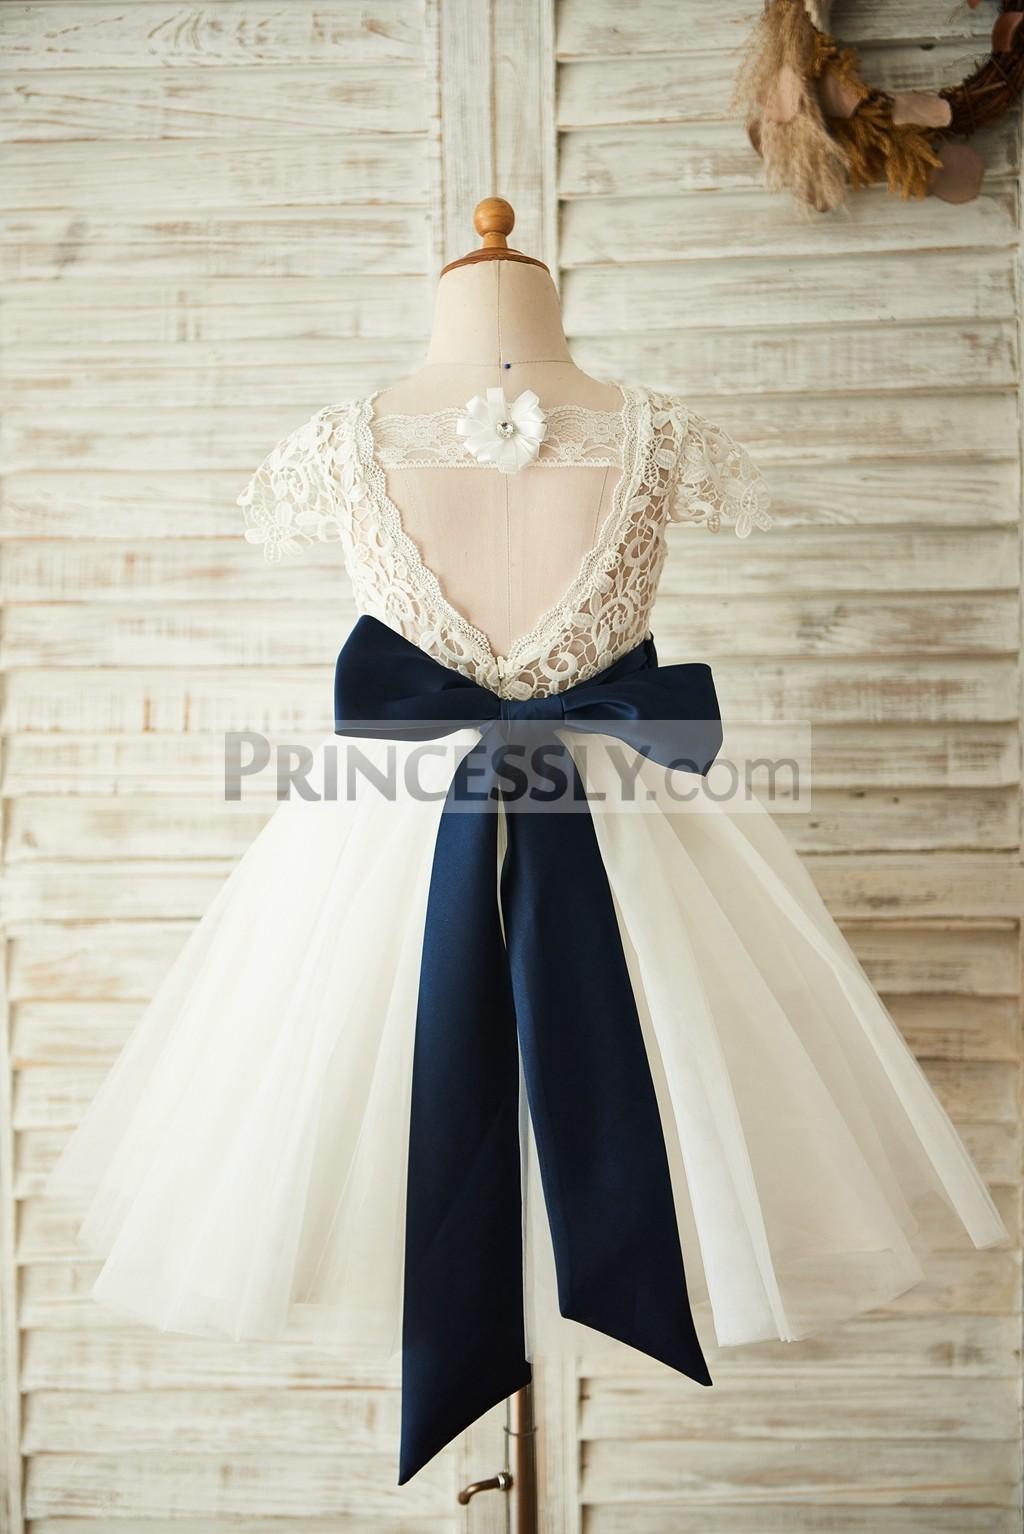 Princessly.com-K1003658-Short Sleeves V Back Lace Tulle Wedding Flower Girl Dress with Navy Blue Belt-31